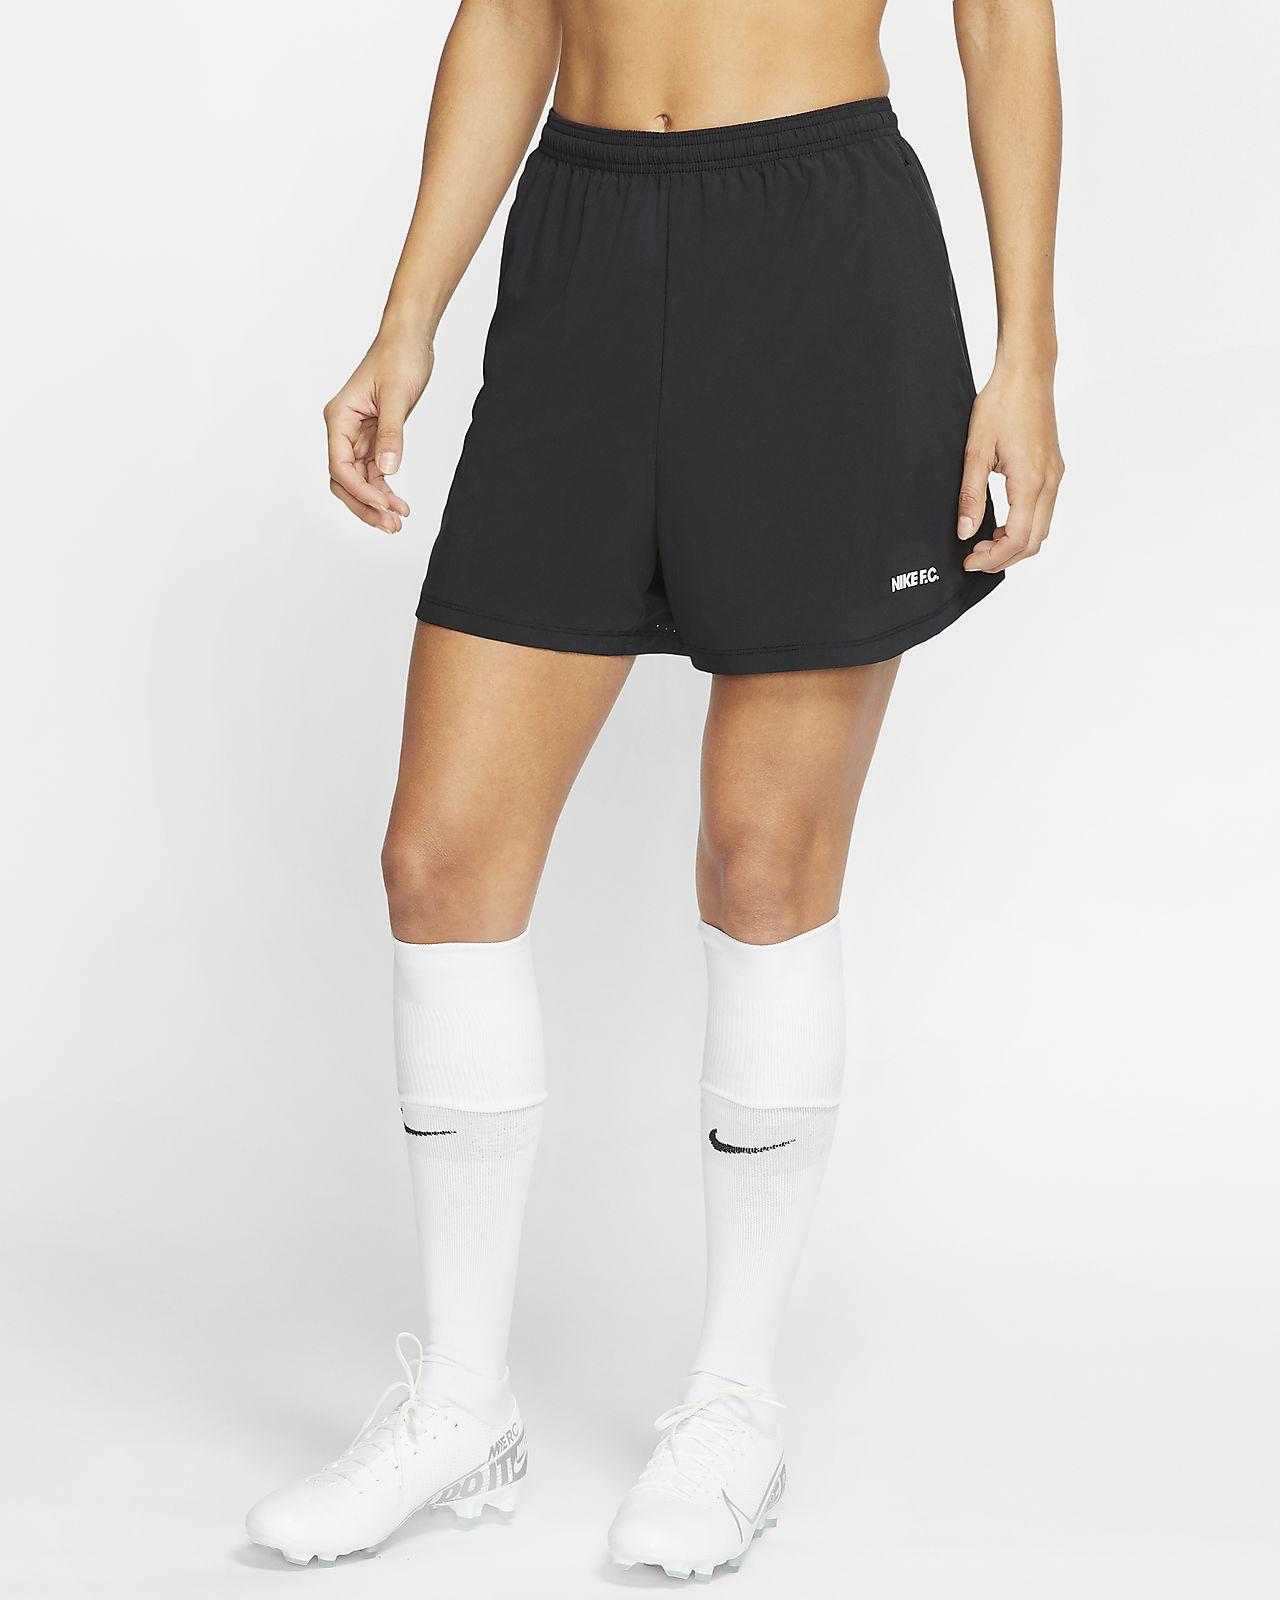 Short de football Nike F.C. pour Femme